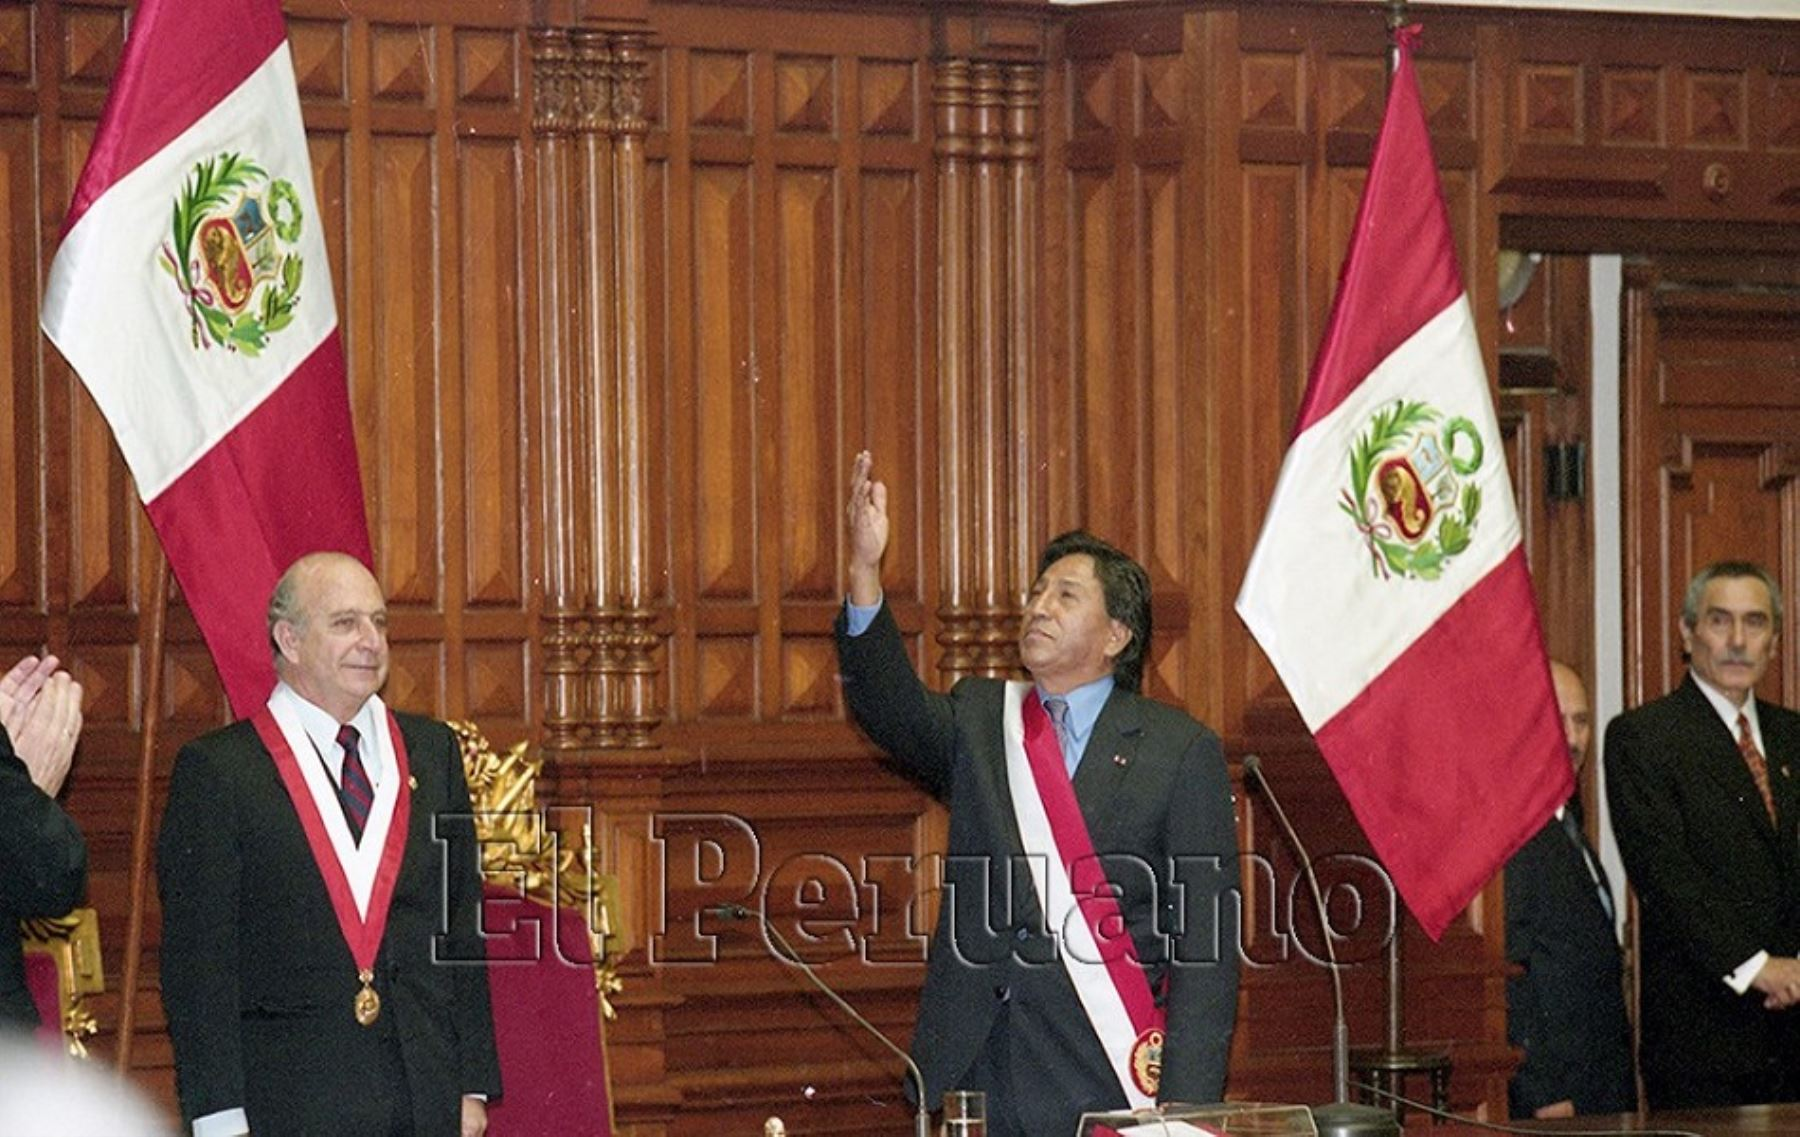 Alejandro Toledo ganó las elecciones y se convirtió en el primer presidente democrático del post-fujimorismo. En la foto, el día en que asumió el mando y recibió la banda presidencial en el Congreso. Foto: ANDINA